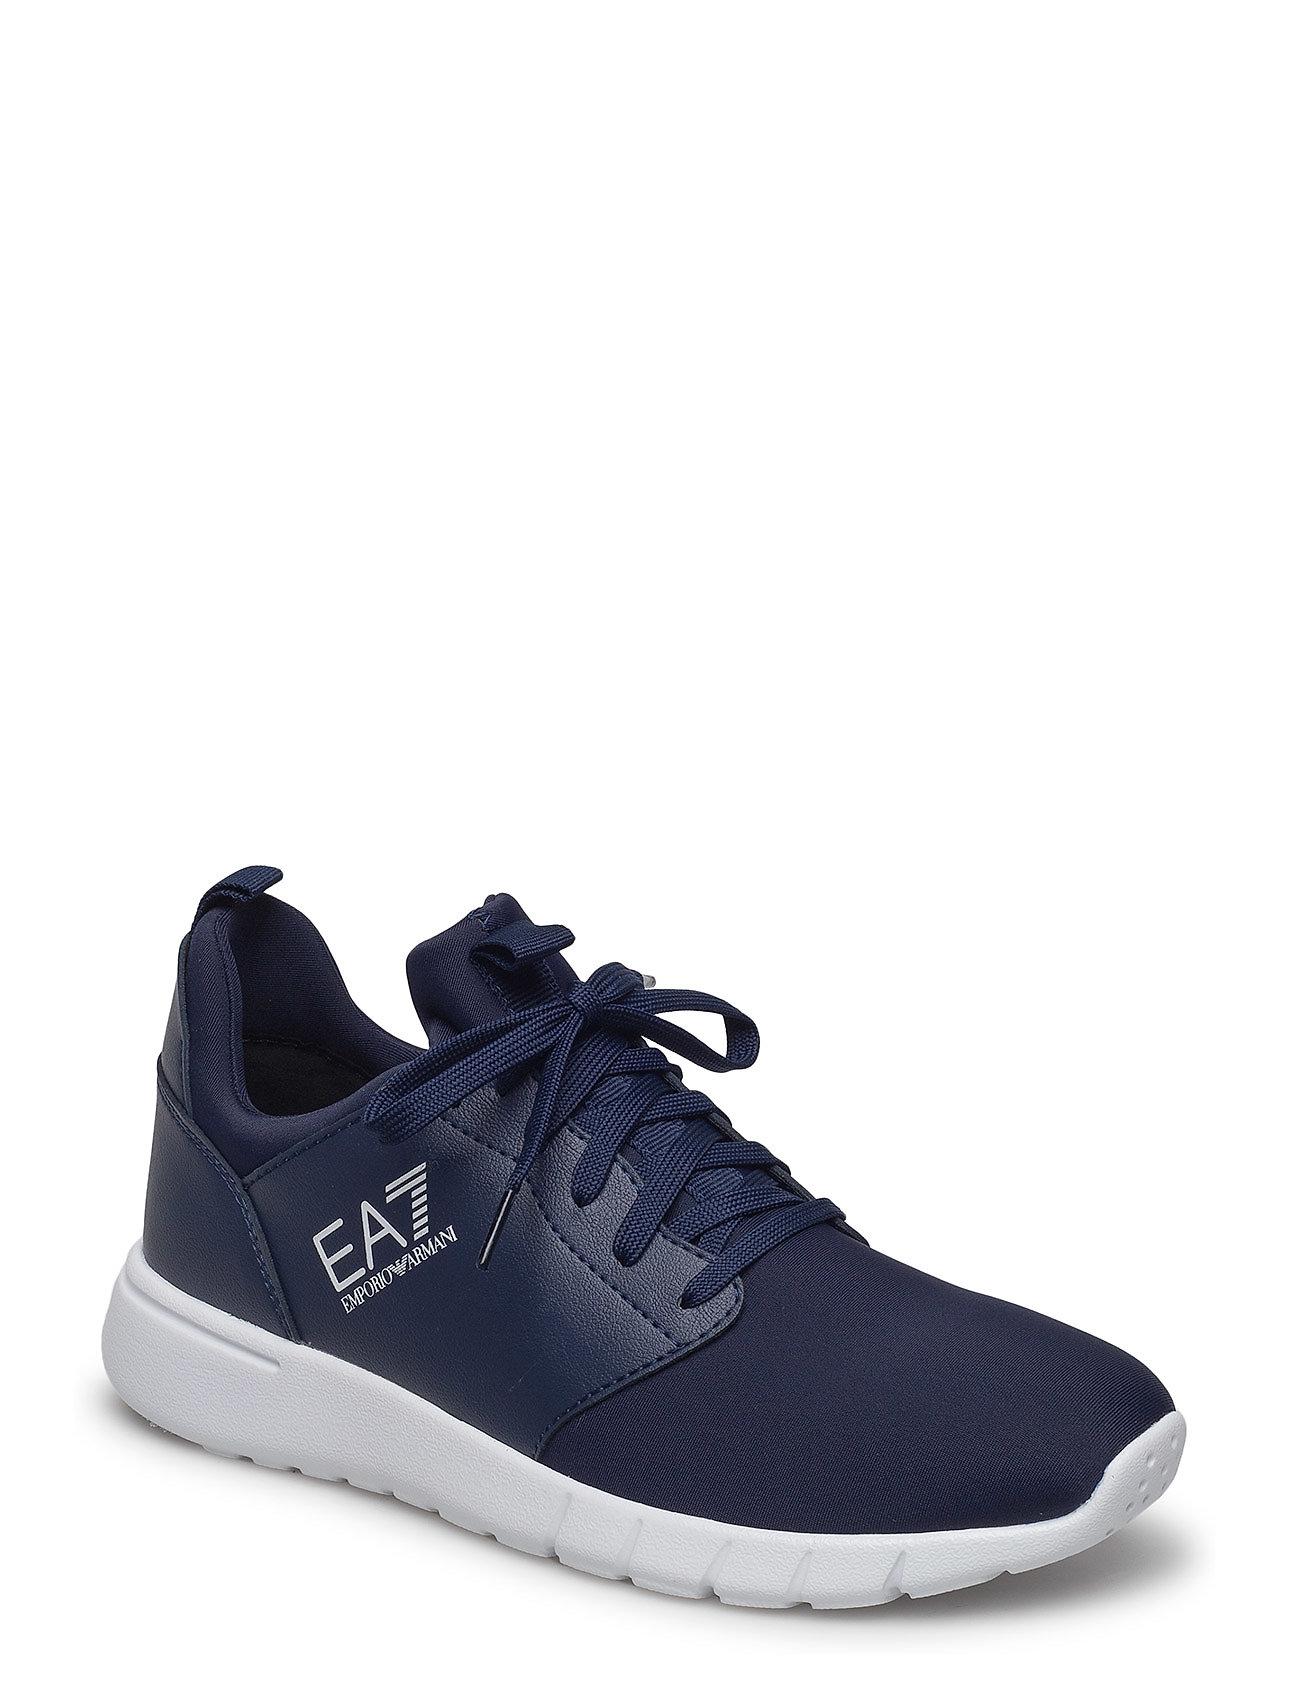 Unisex'S Shoe EA7 Sports sko til Herrer i